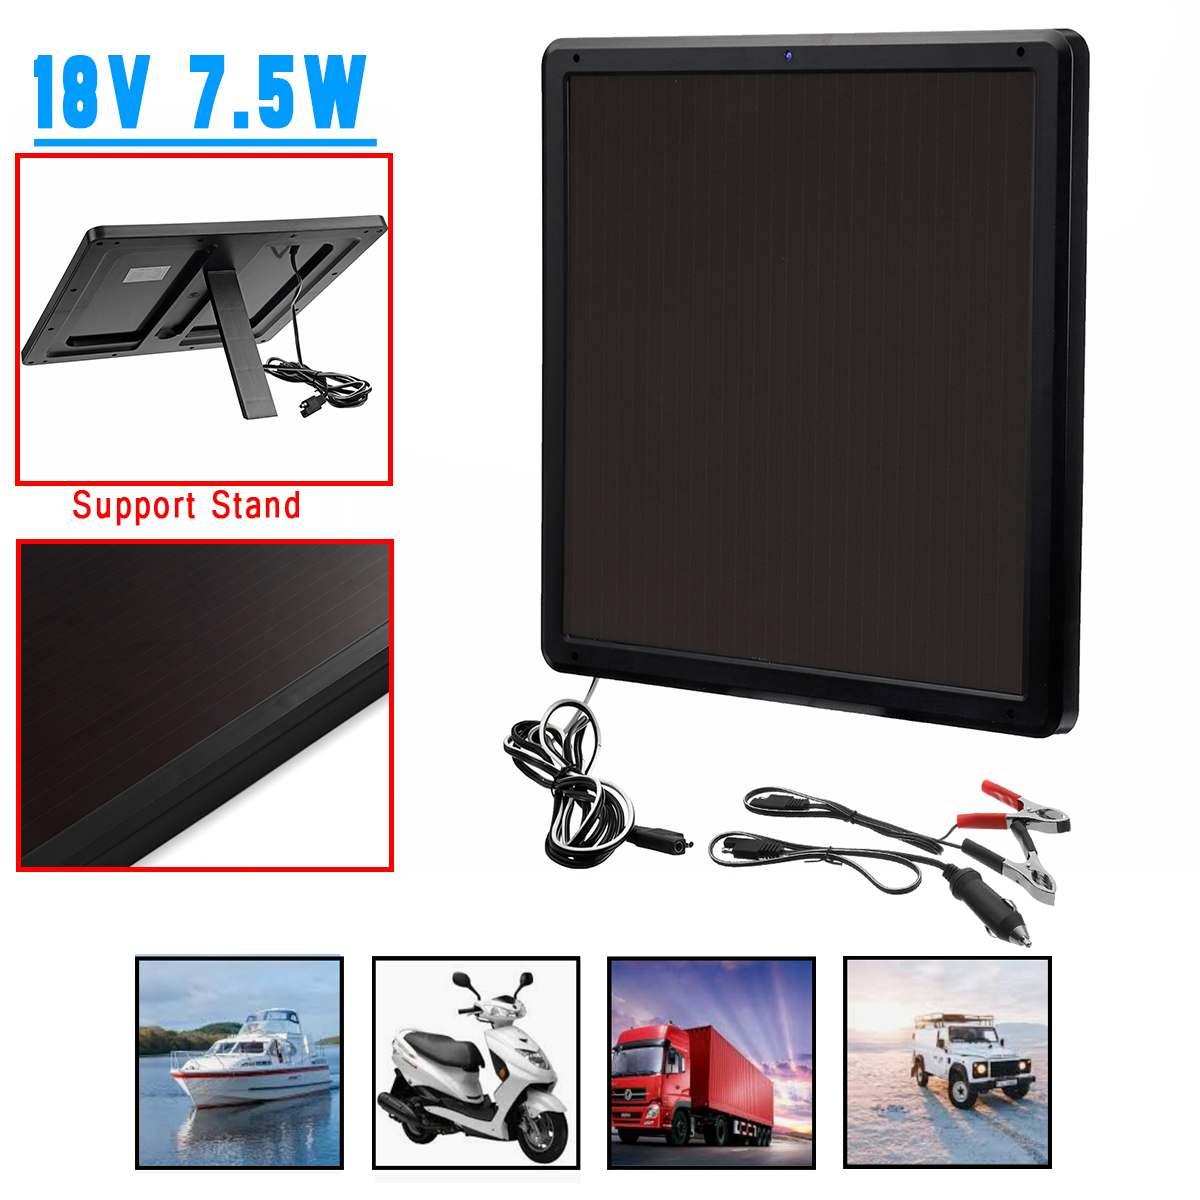 18 V 7.5 W panneau solaire Trickle chargeur de batterie mainteneur pour voiture véhicule charge pliable Support Stand 337x337x17mm étanche